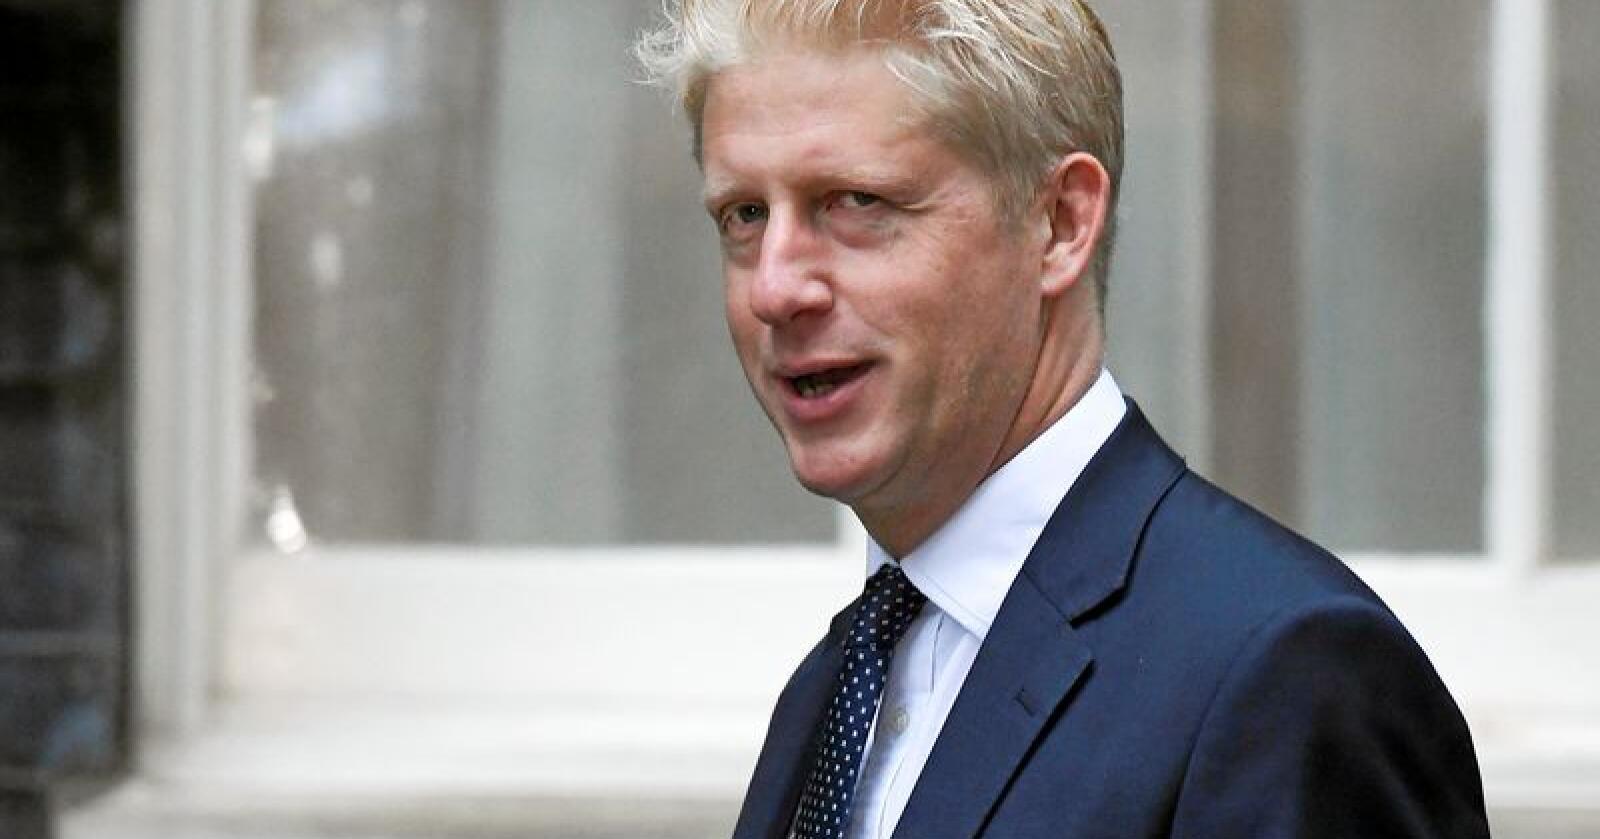 Boris Johnsons bror Jo Johnson trekker seg både fra regjeringen og som medlem av Parlamentet. Han sier han har havnet i en uløselig konflikt mellom familielojalitet og hensynet til nasjonens beste. Foto: Alberto Pezzali / AP / NTB scanpix